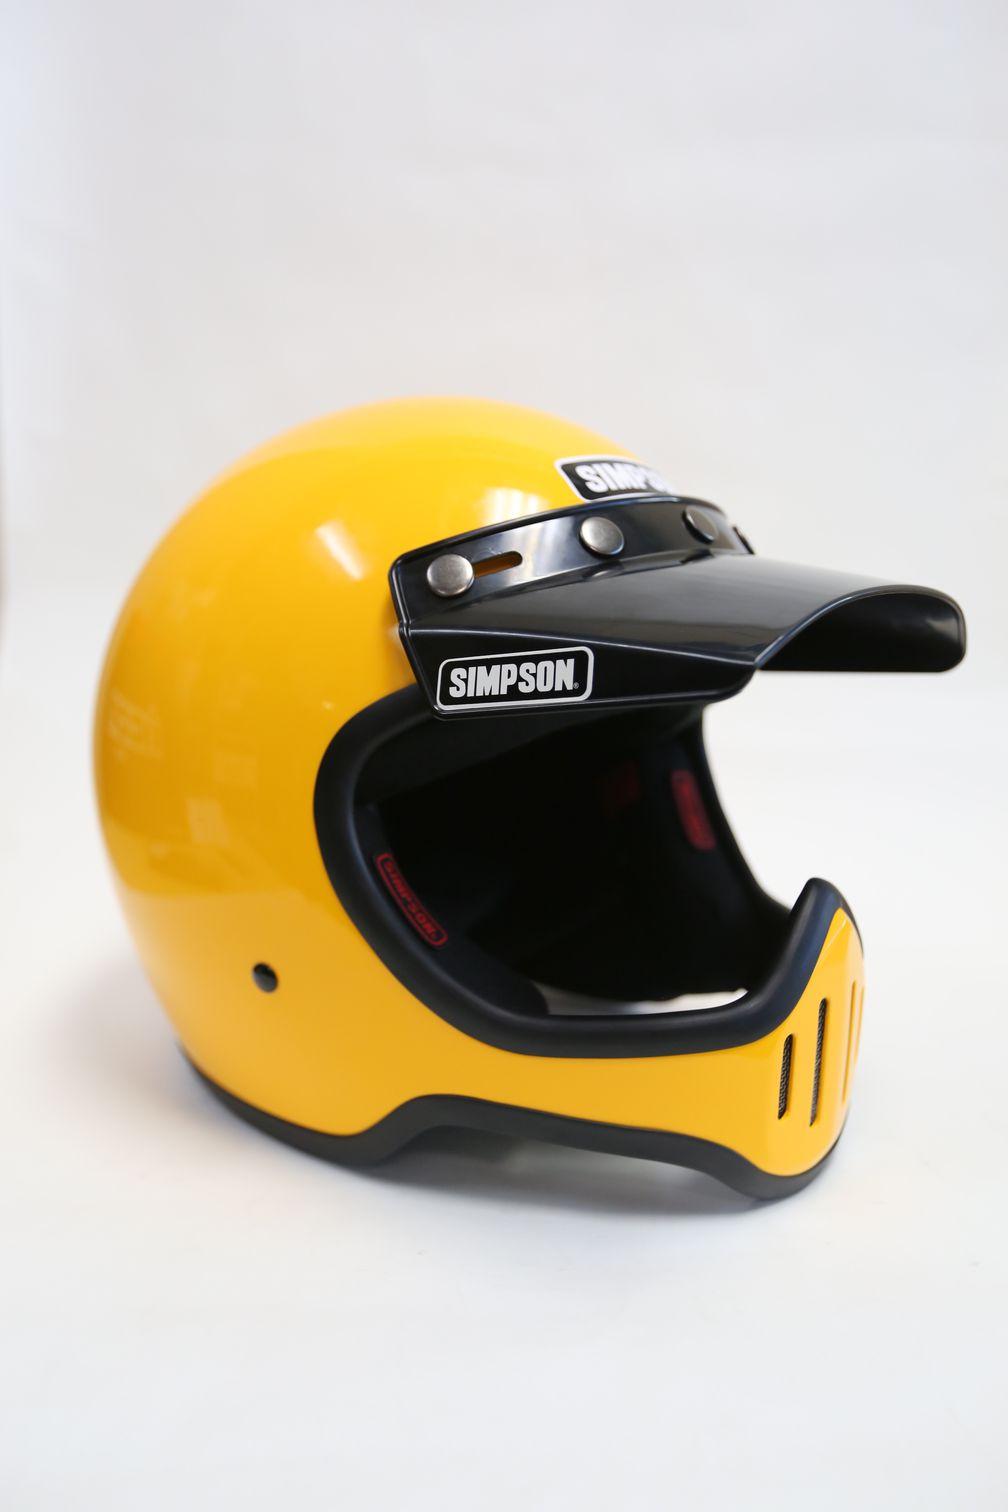 d9db5e29 Simpson M50 full face retro helmet with visor